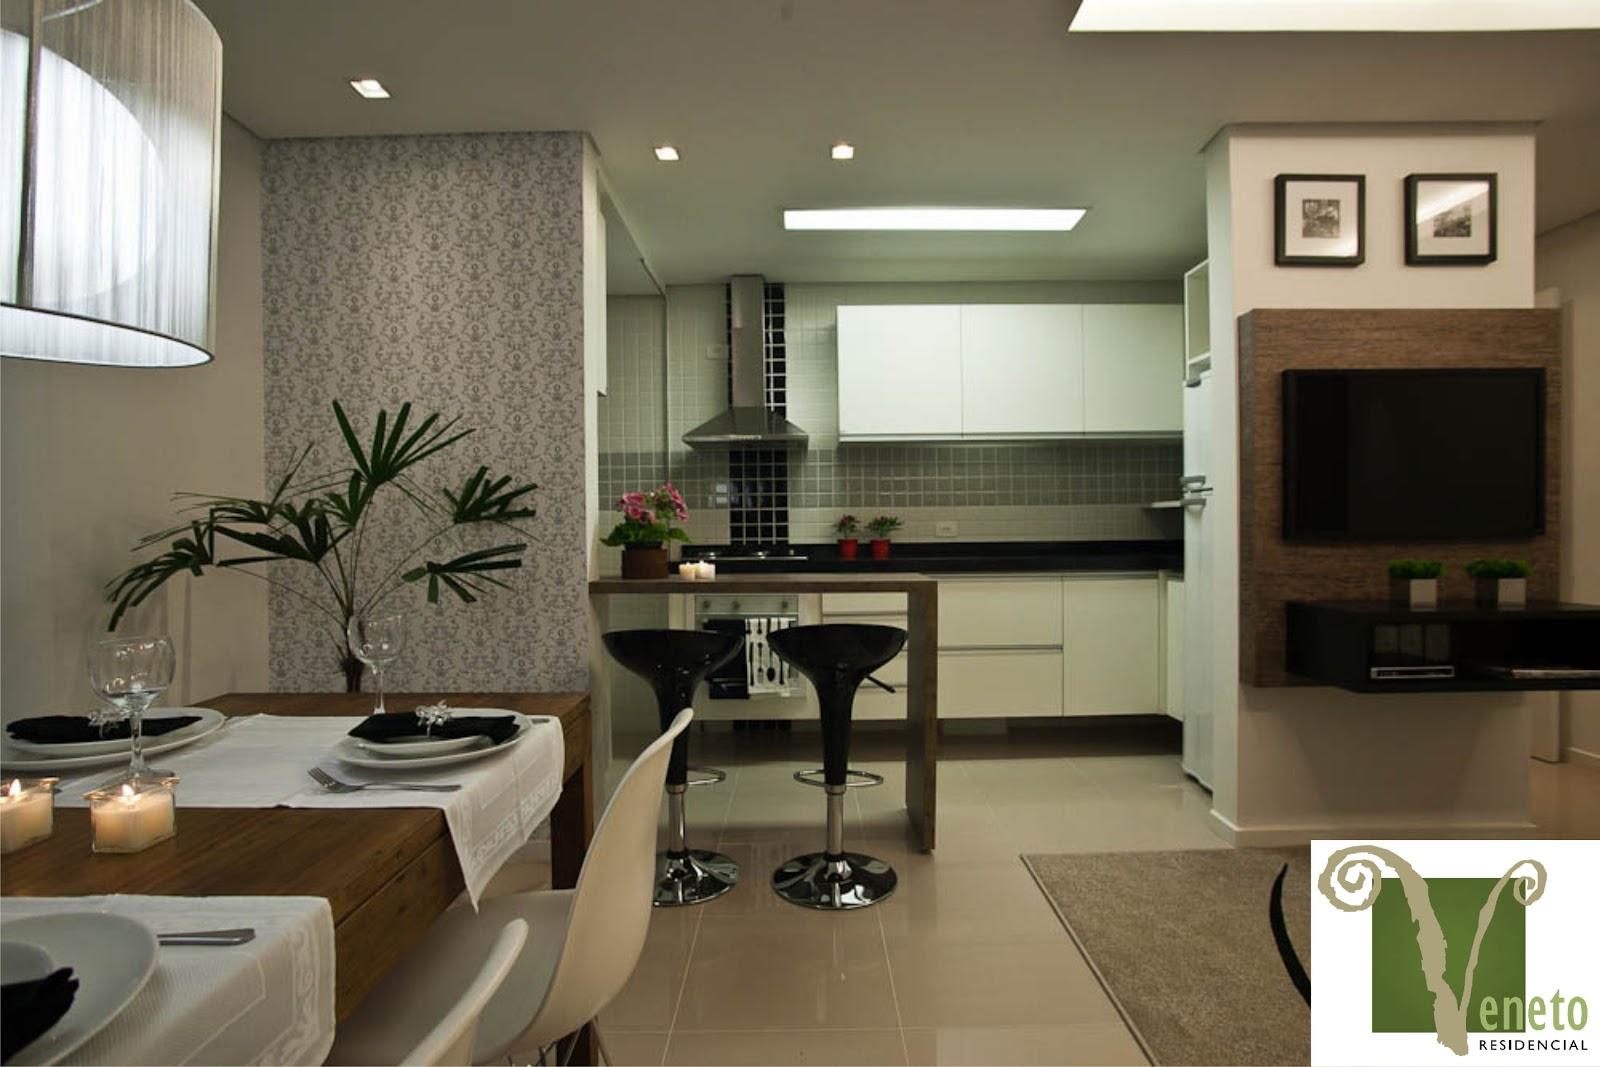 quartos 1 banheiro sala para 2 ambientes cozinha área de serviço e  #50612D 1600x1067 Banheiro De Apartamento Decorado Pequeno